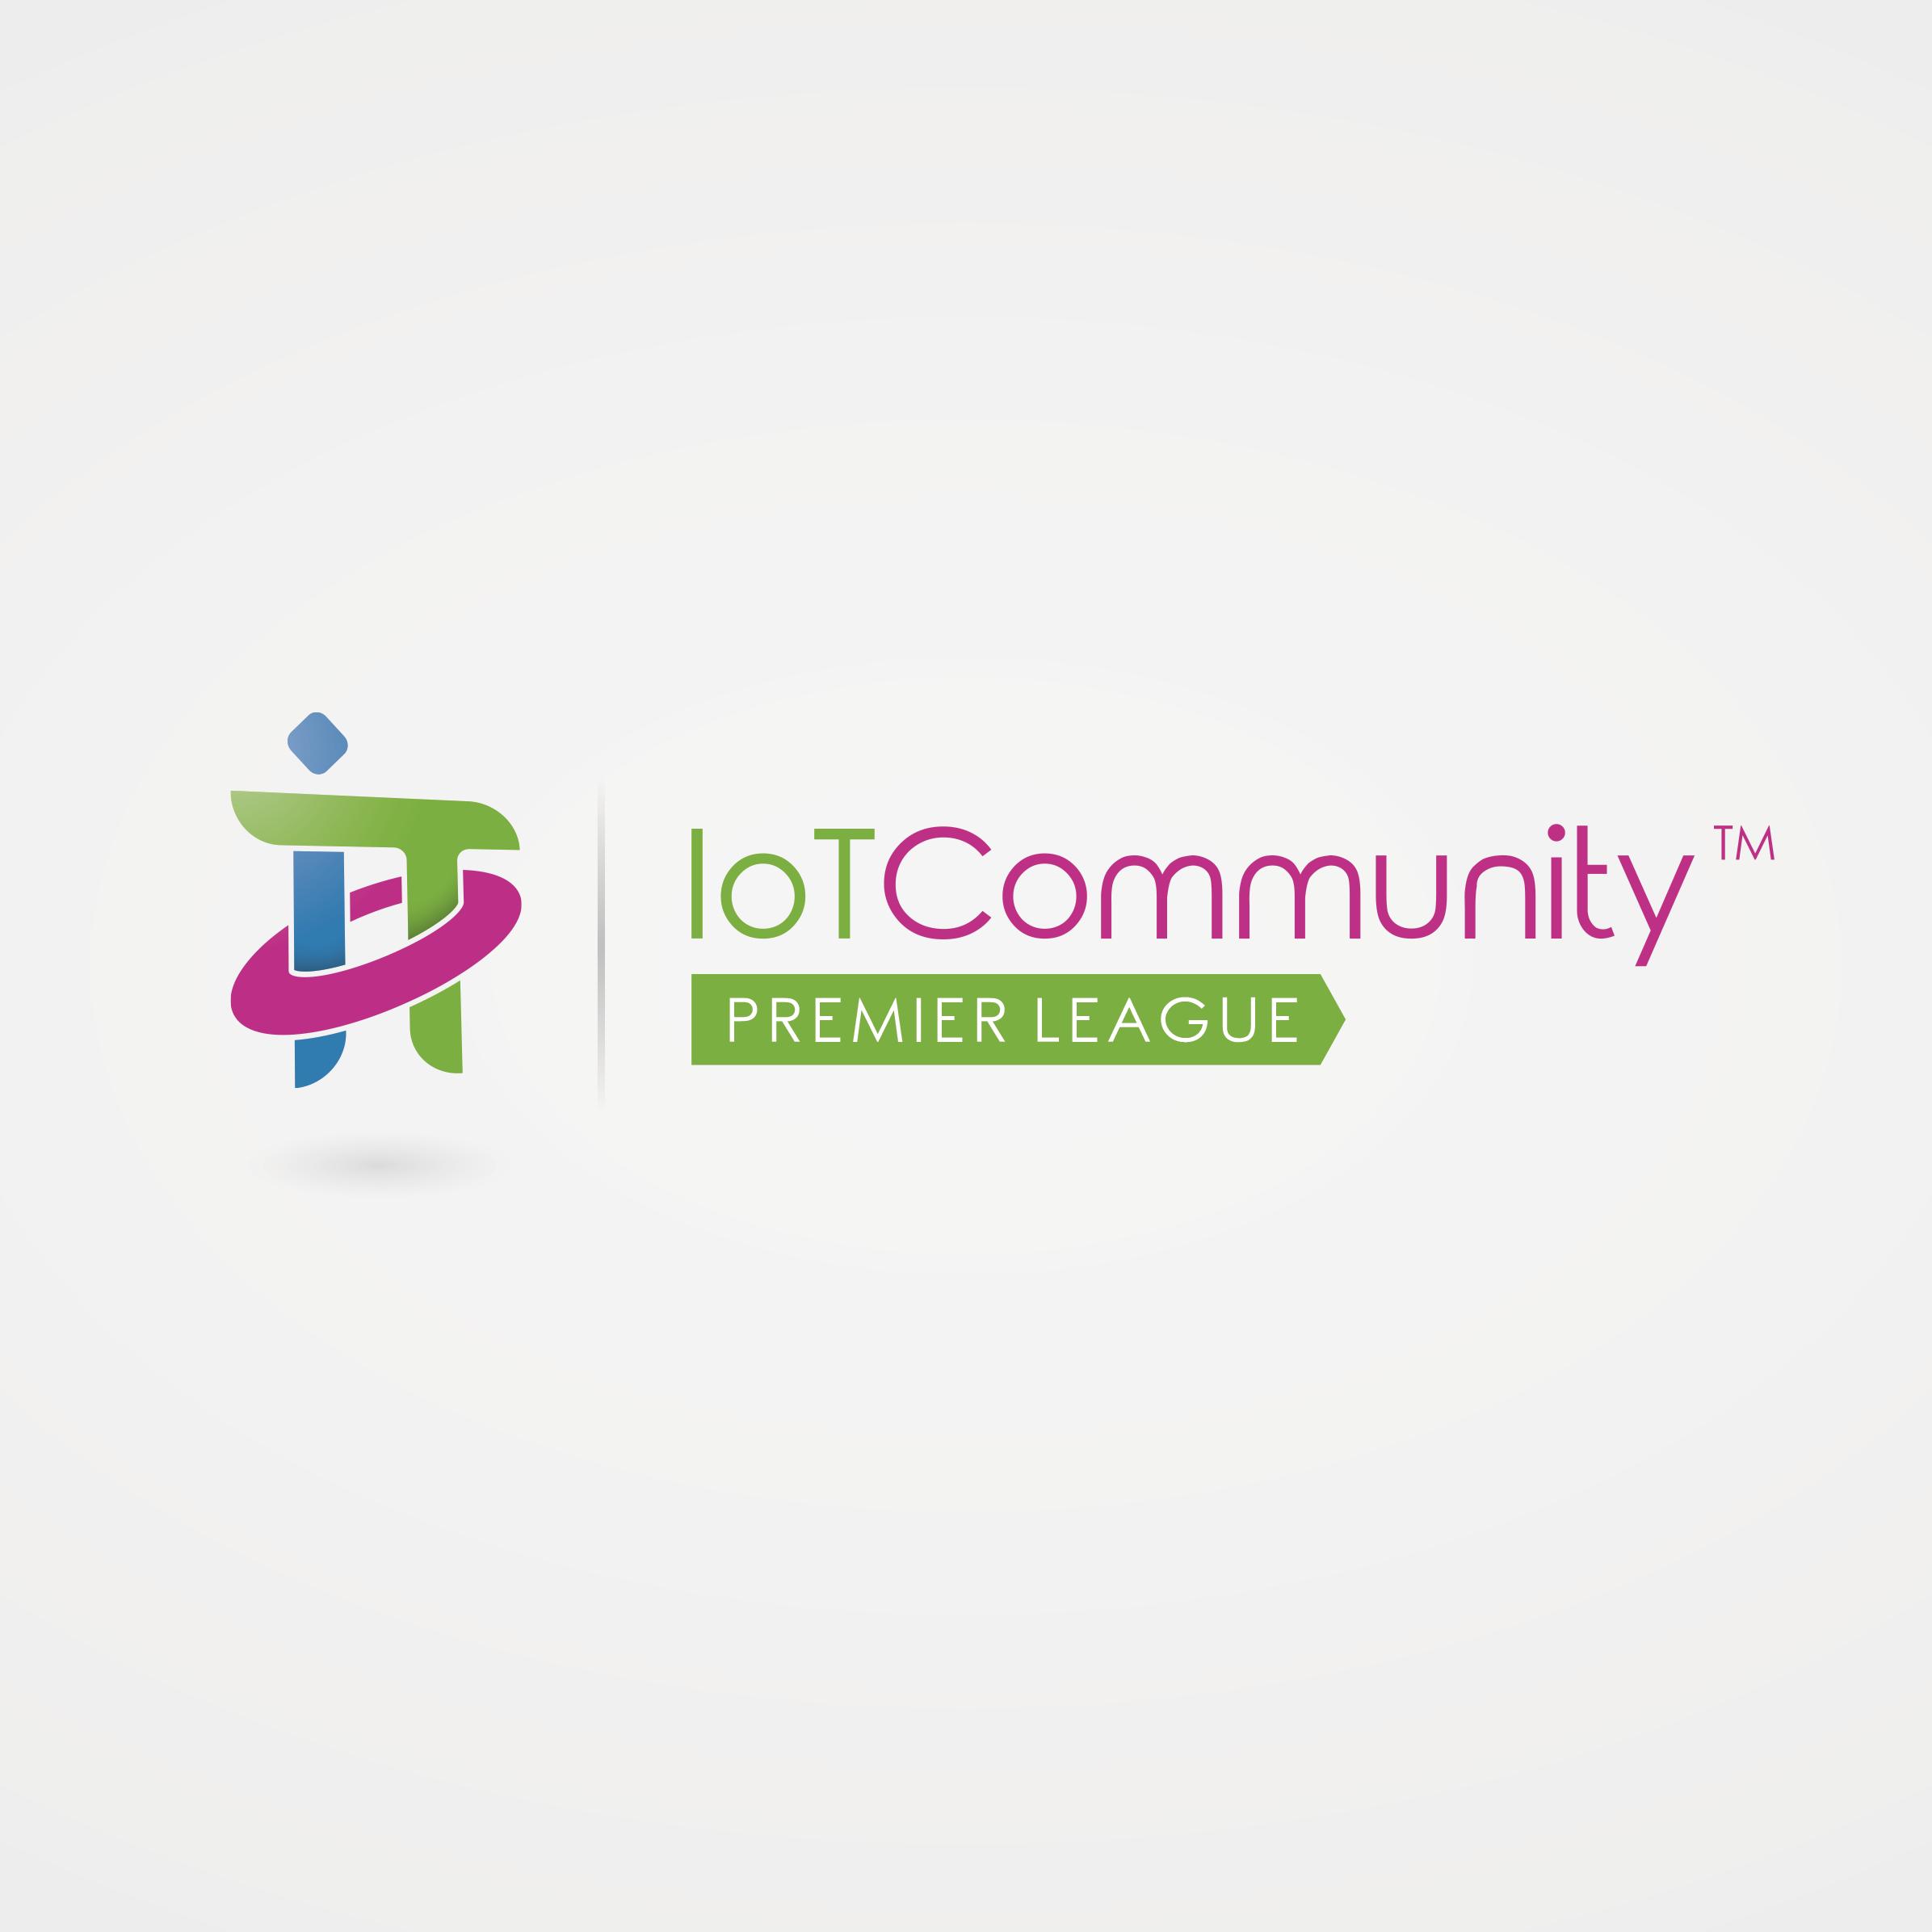 The Iot Premier League ™ Corporate Handles  Logo